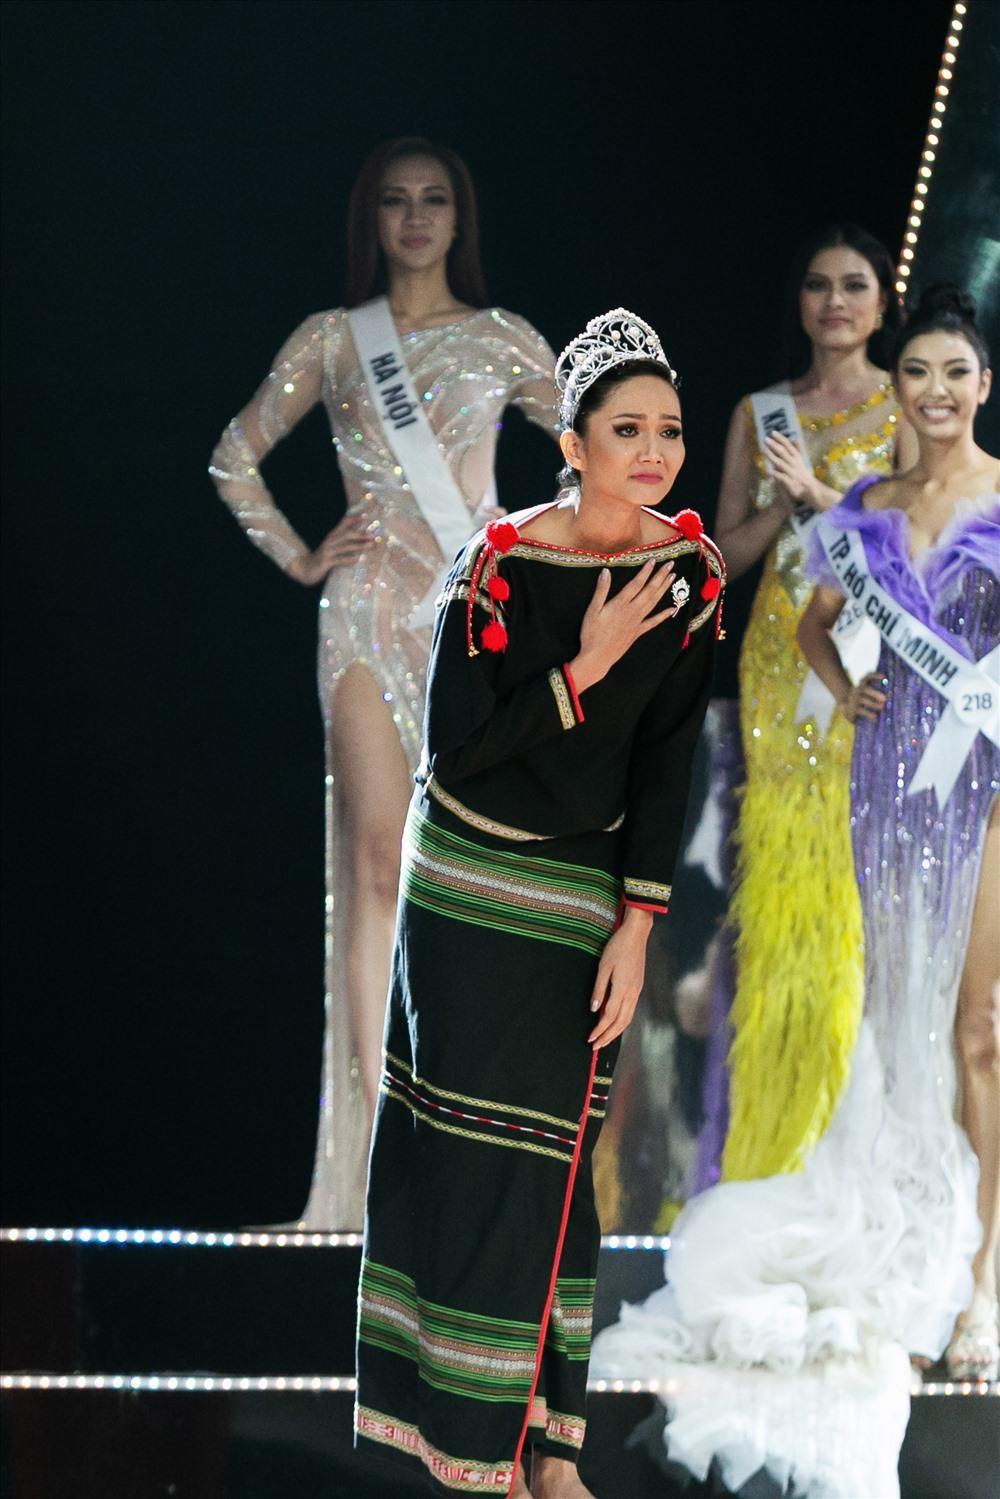 Final walk đẫm nước mắt của Hoa hậu Việt, H'Hen Niê làm fan quốc tế chao đảo Ảnh 11